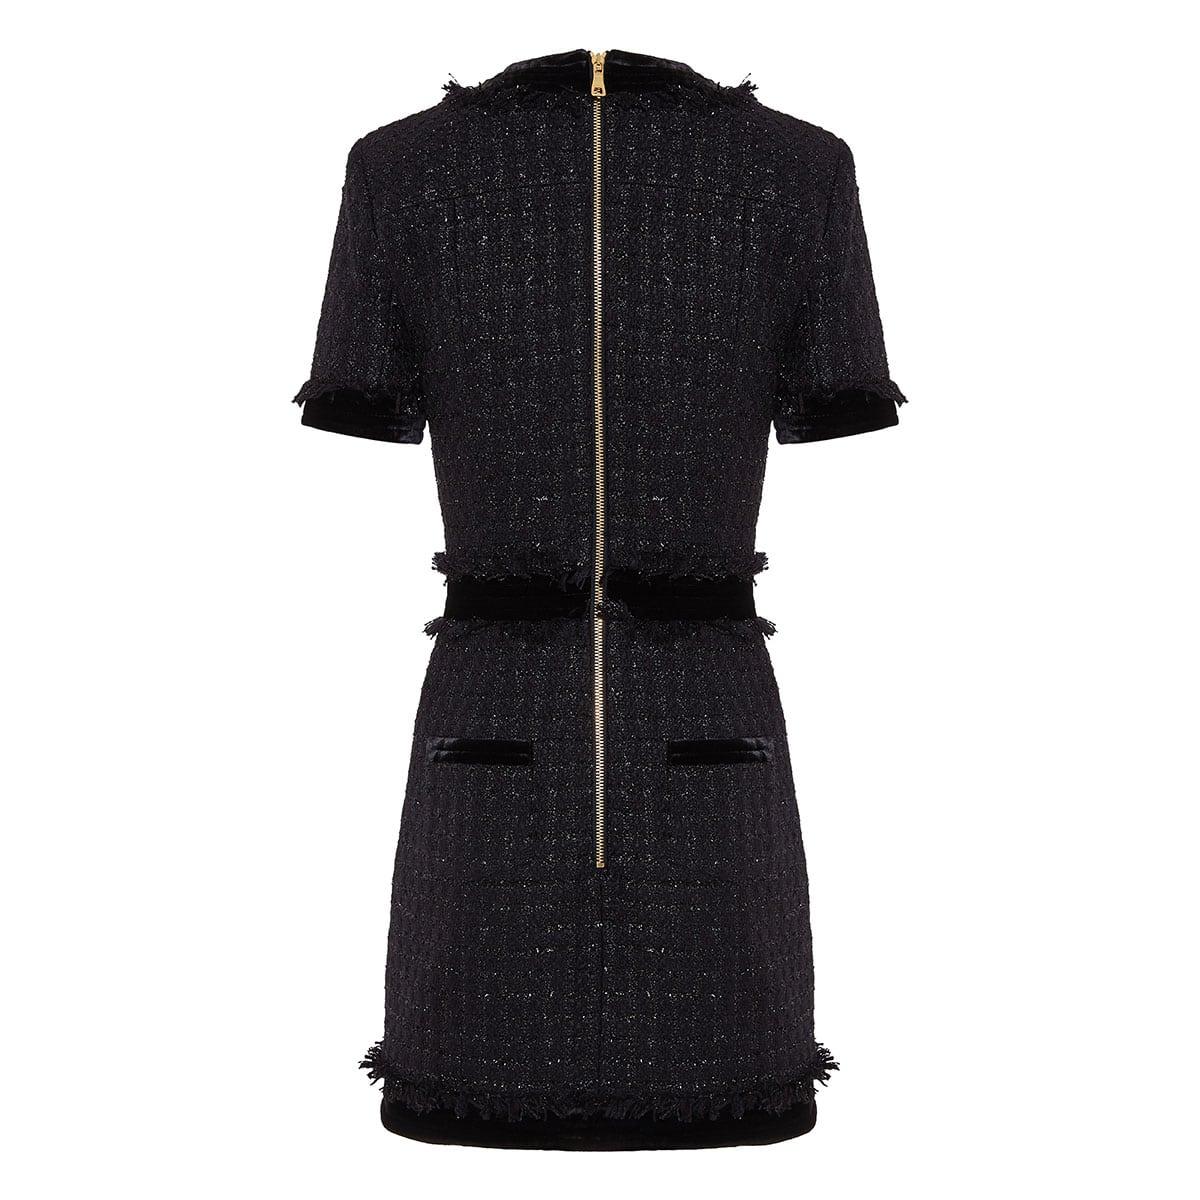 Velvet-trimmed embellished tweed mini dress